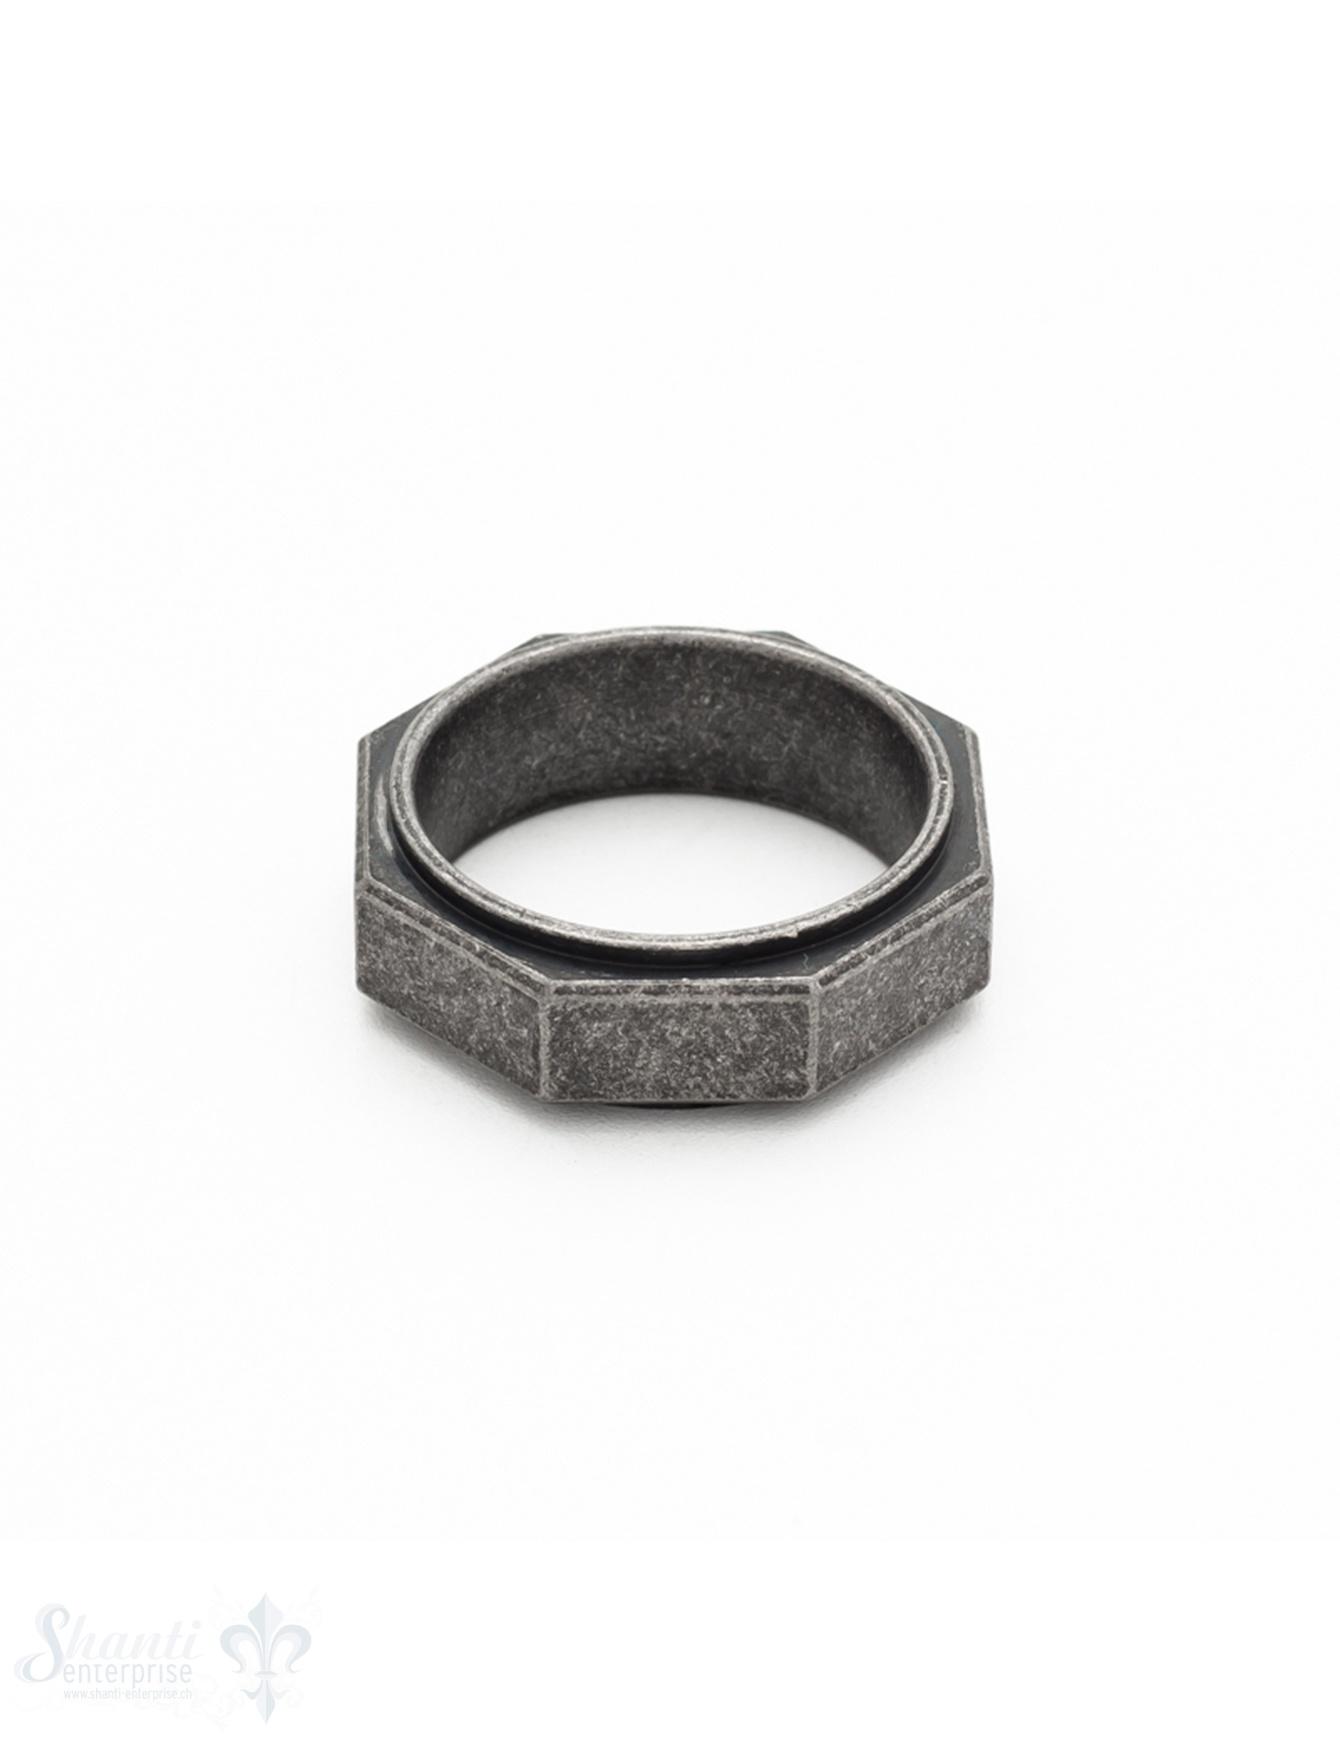 Herrenring Stahl Achtkant schwarz antik seitlich Abschlussrand schwarz